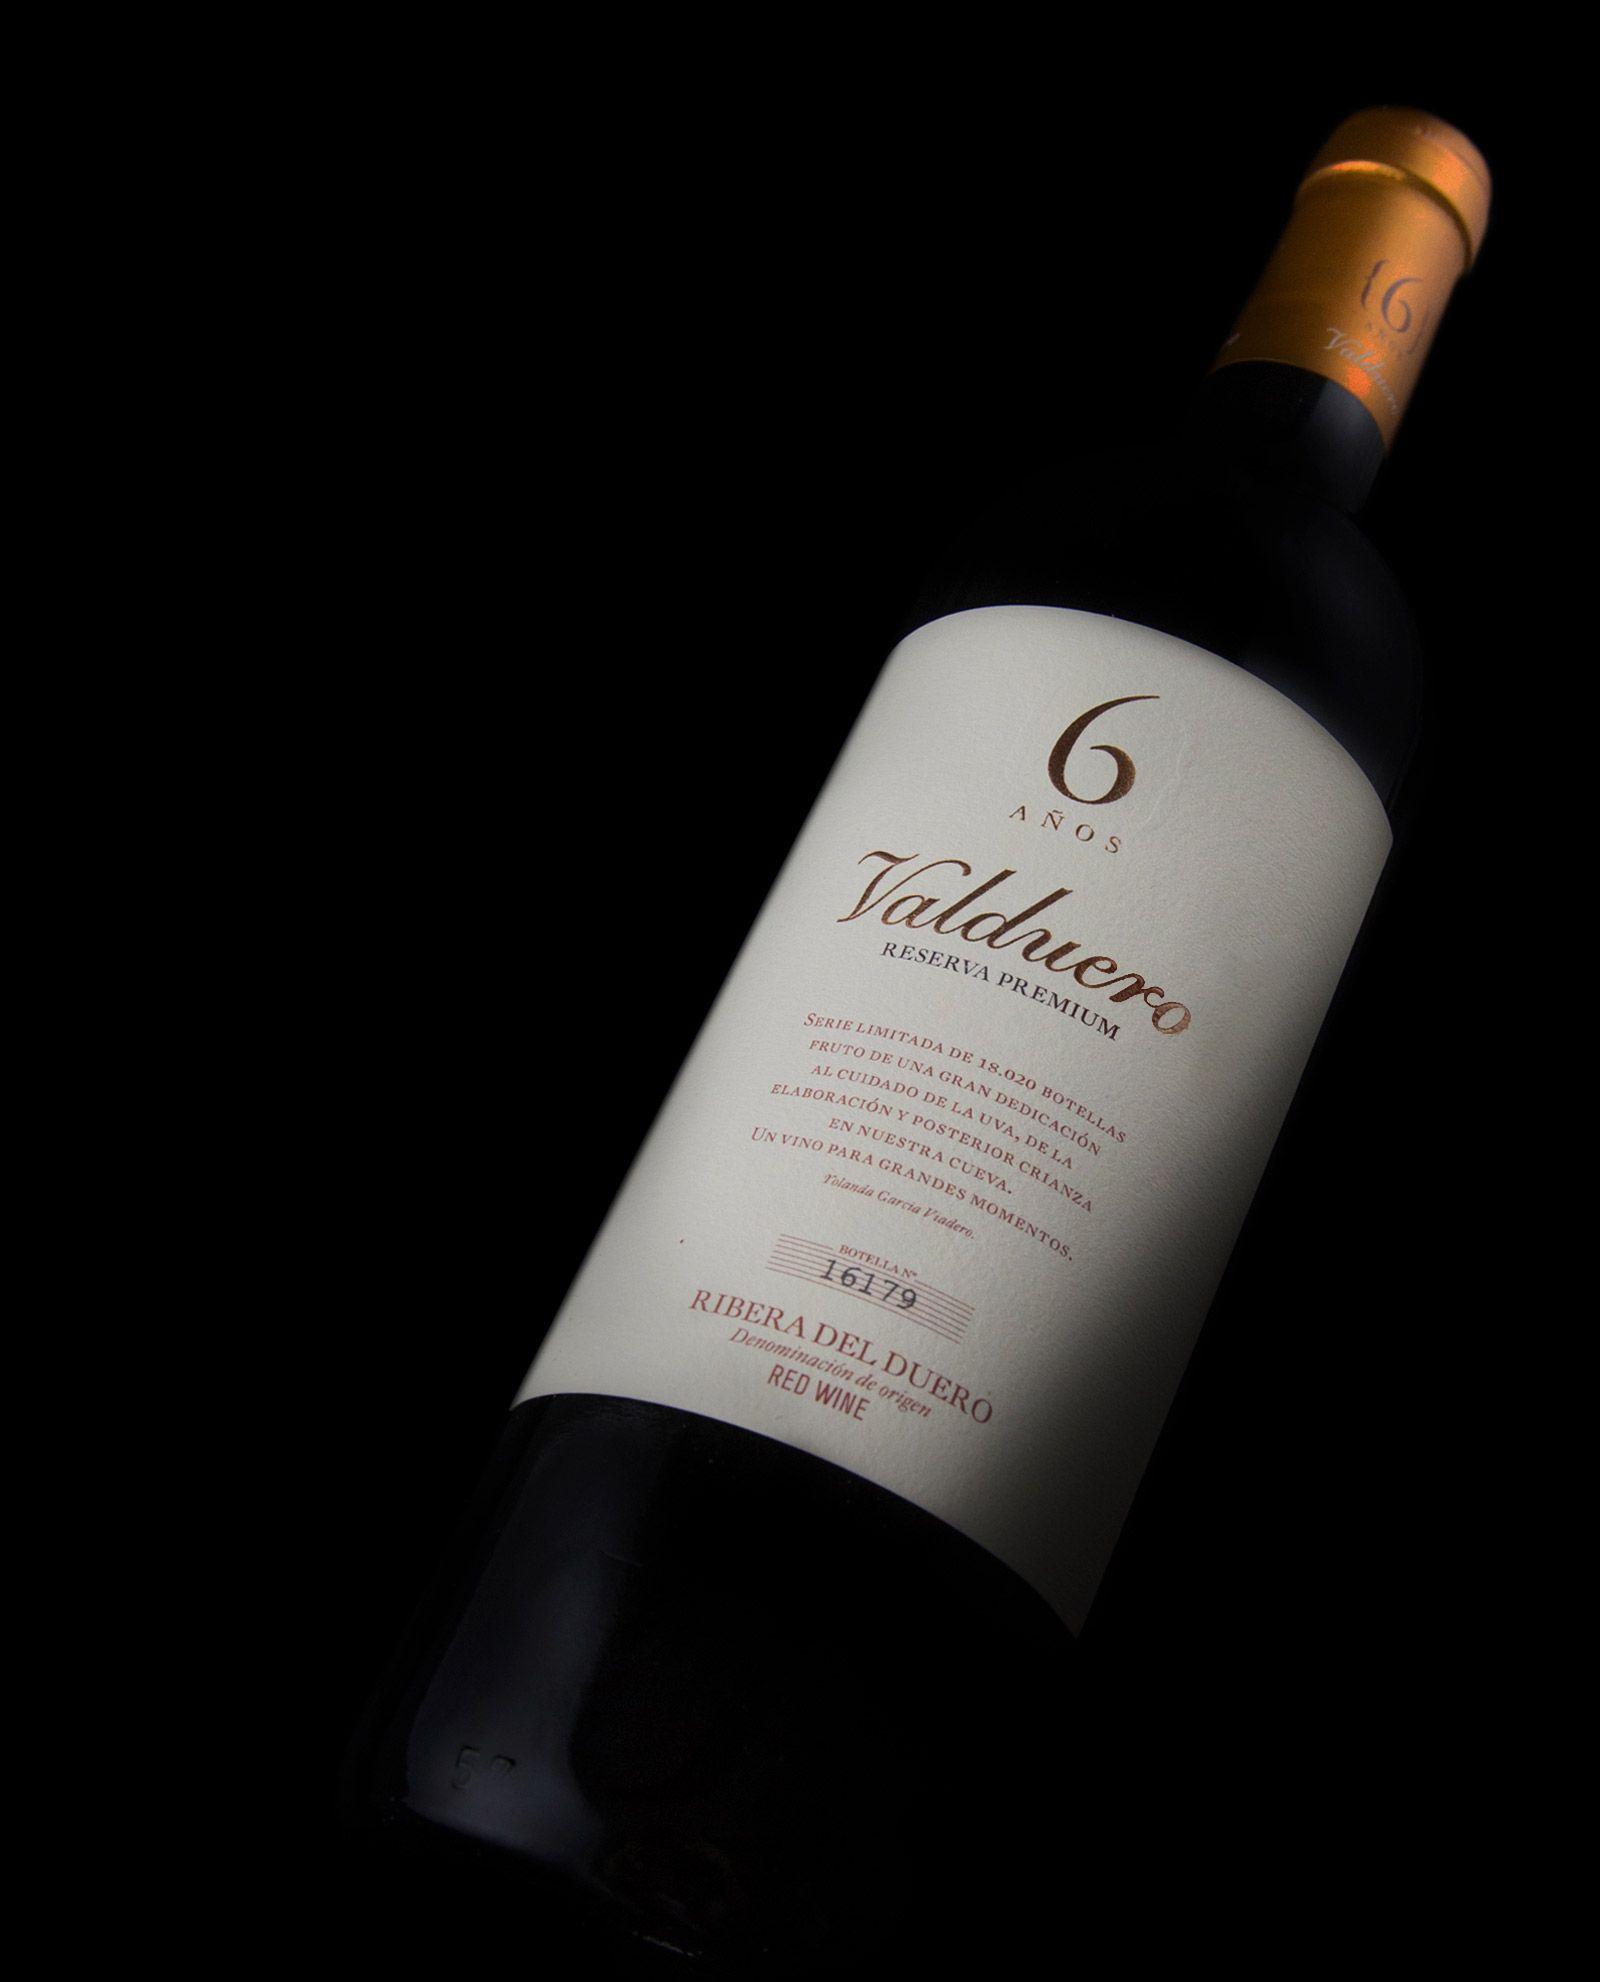 Botella de Valduero 6 años tumbada, vinos tintos de la Ribera del Duero